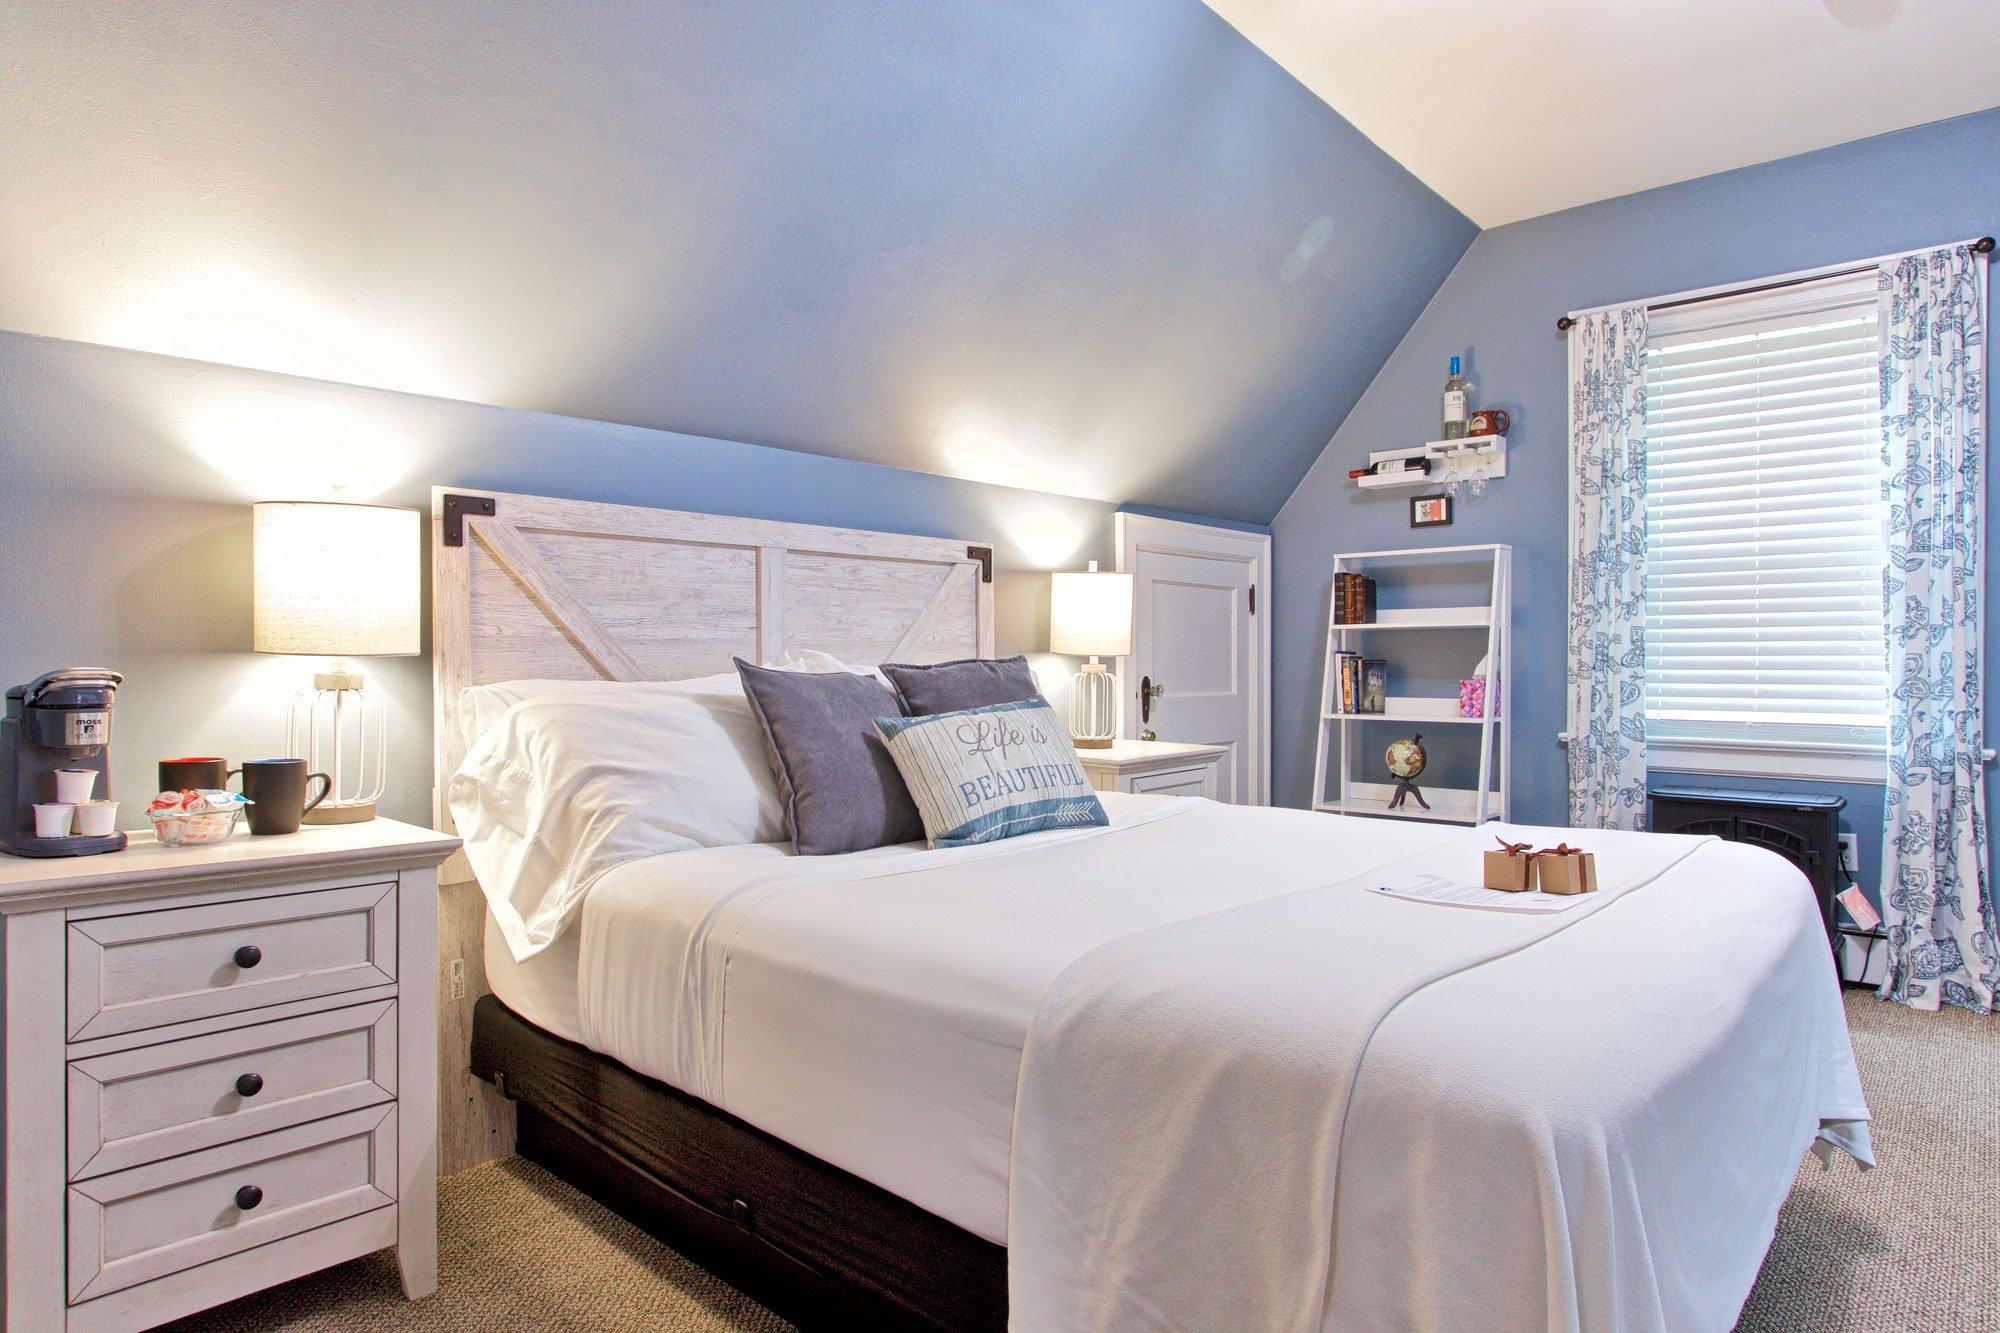 bed next to small door, window in background